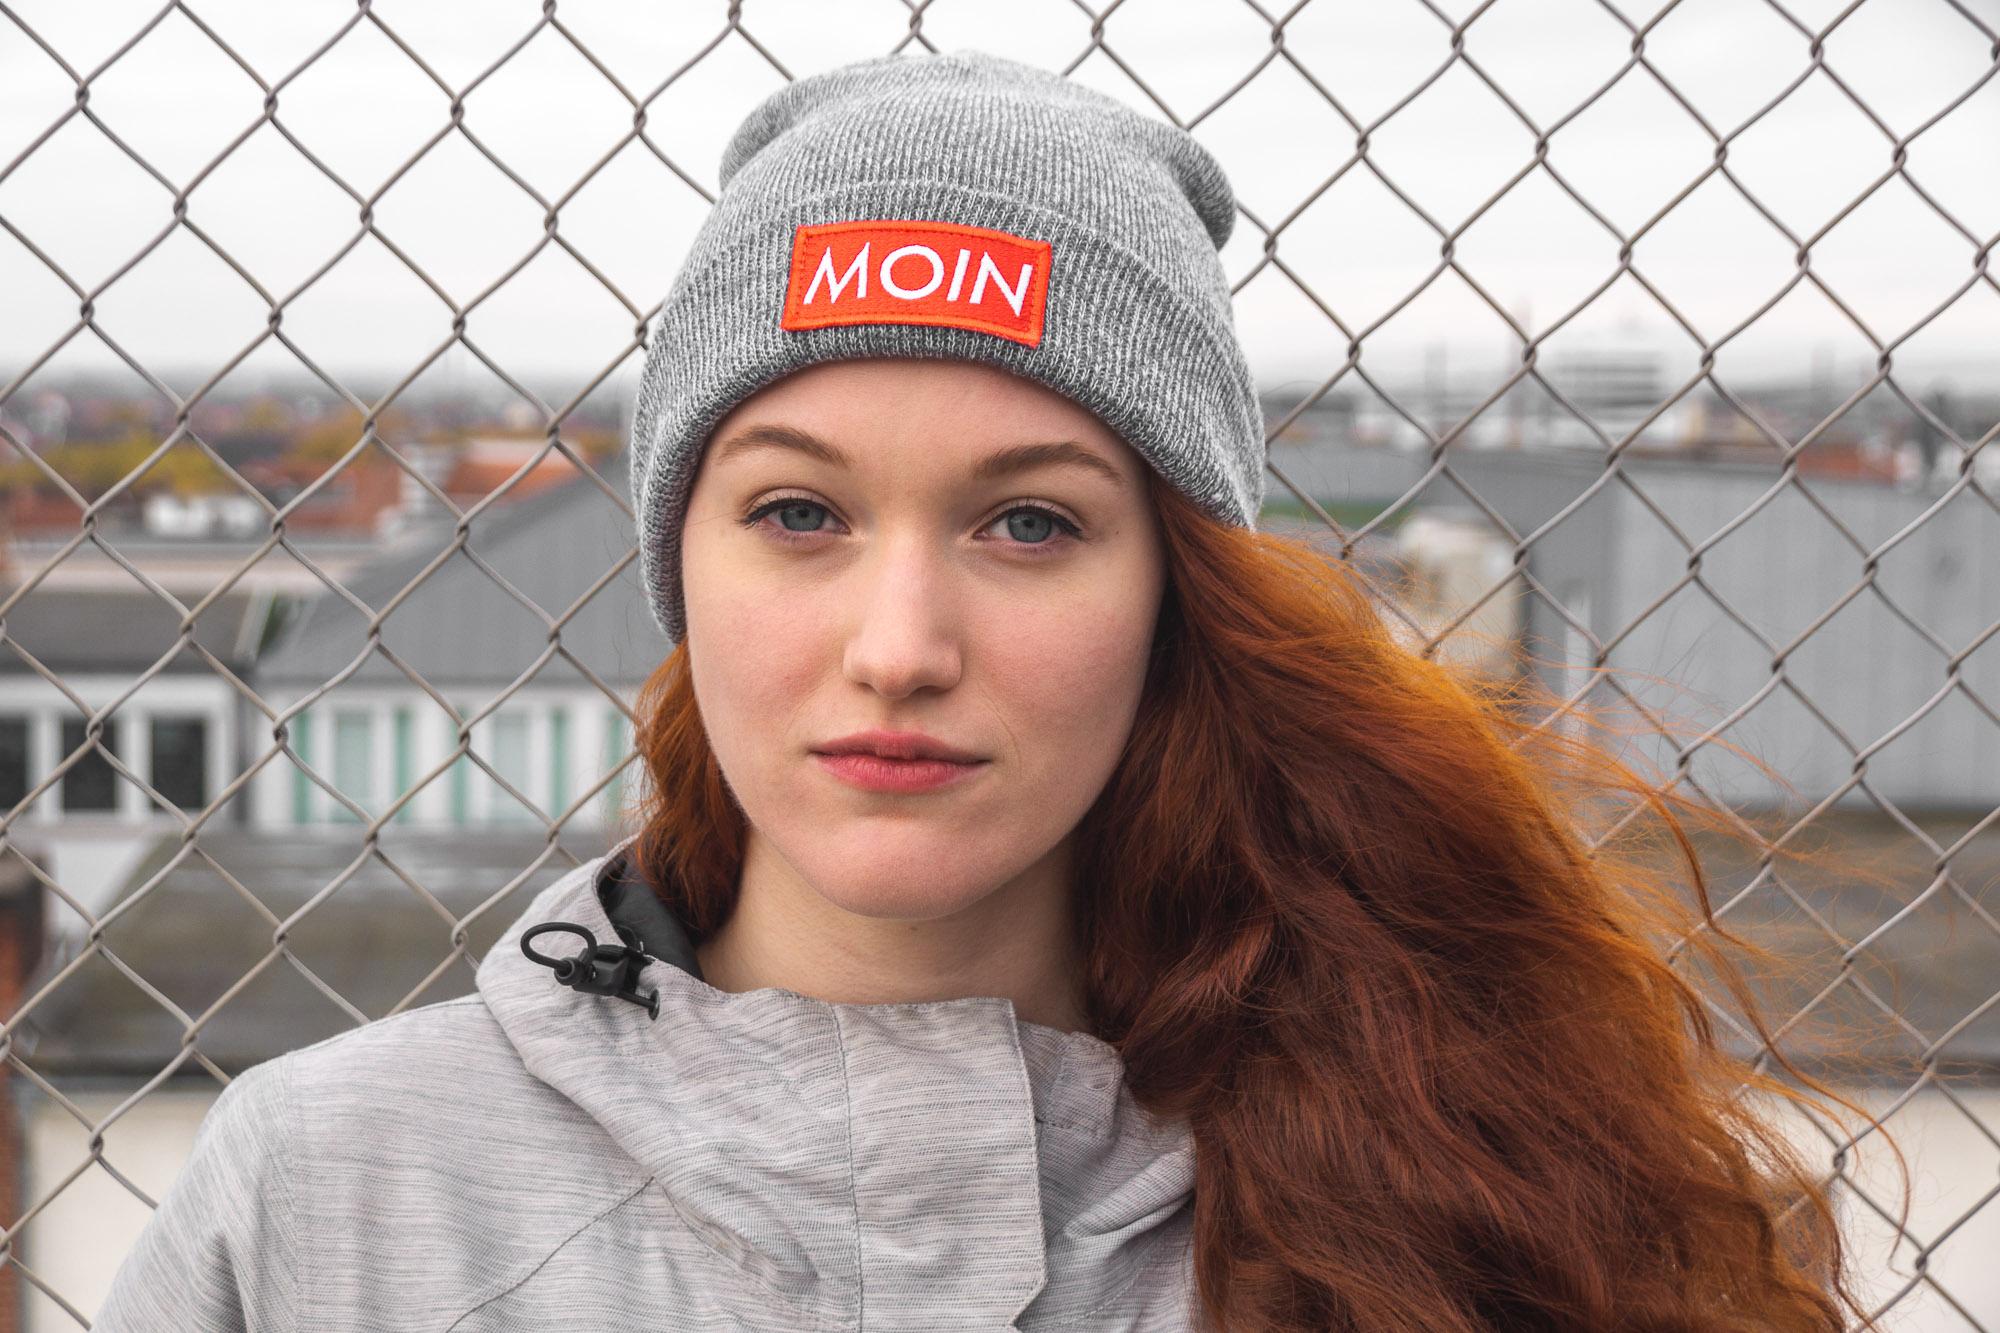 Moin 24